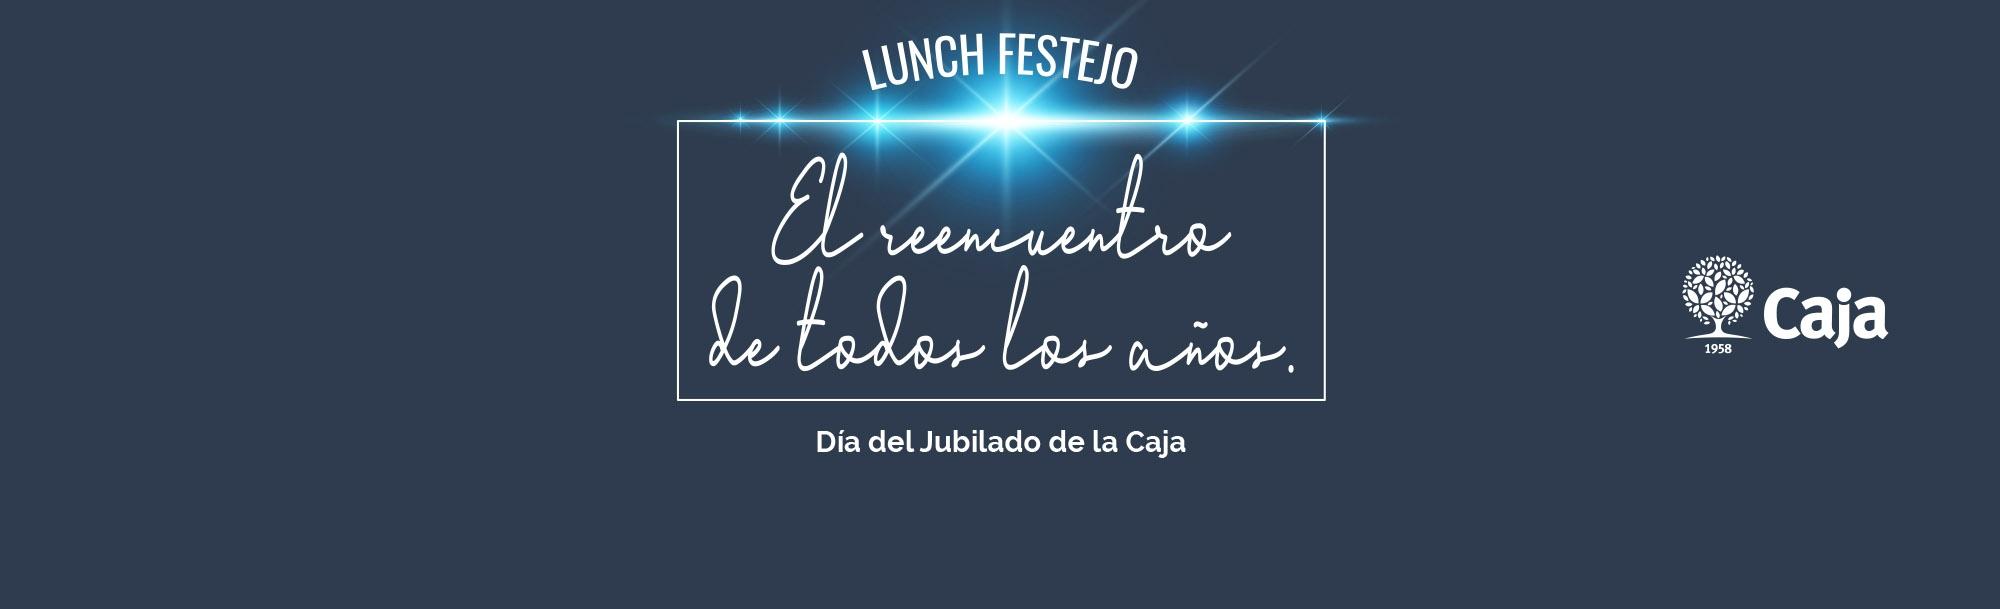 Lunch festejo Día del Jubilado